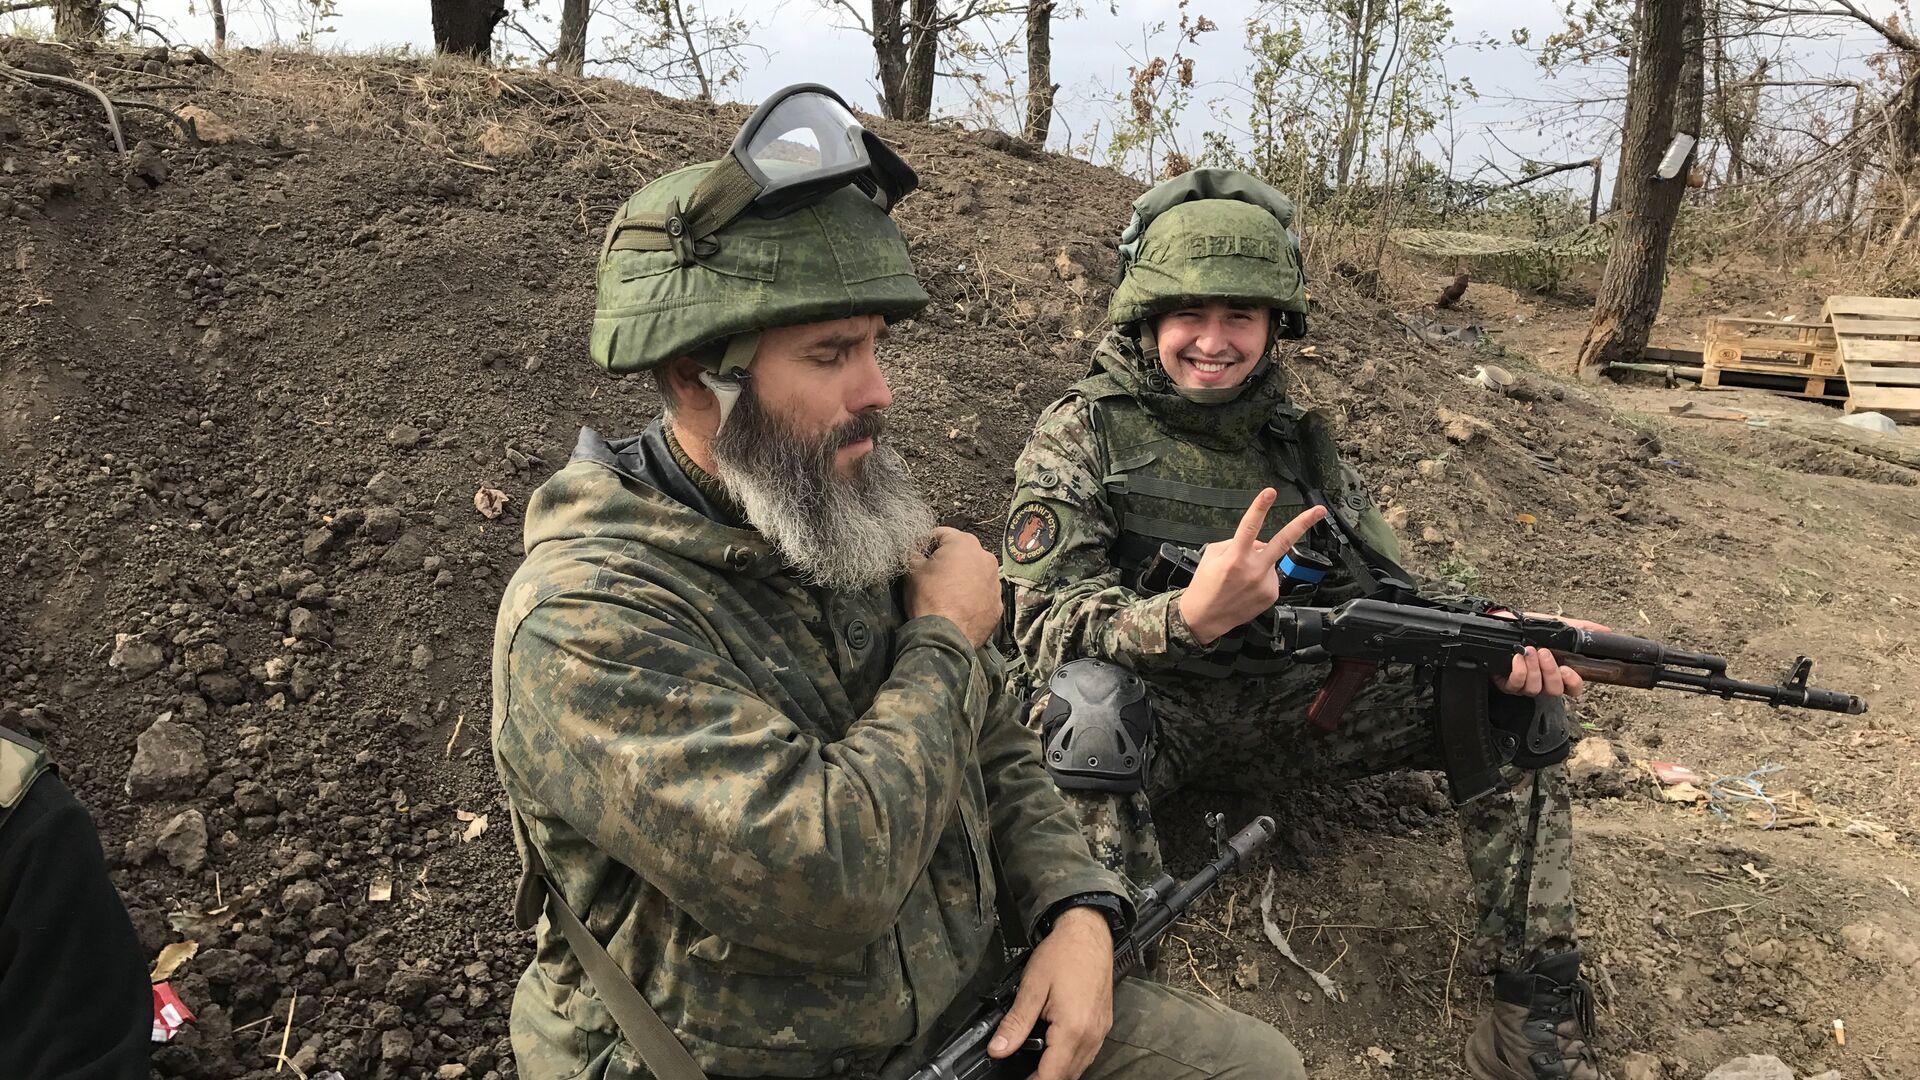 Бойцы разведывательно-штурмового батальона, Донбасс - РИА Новости, 1920, 12.04.2021